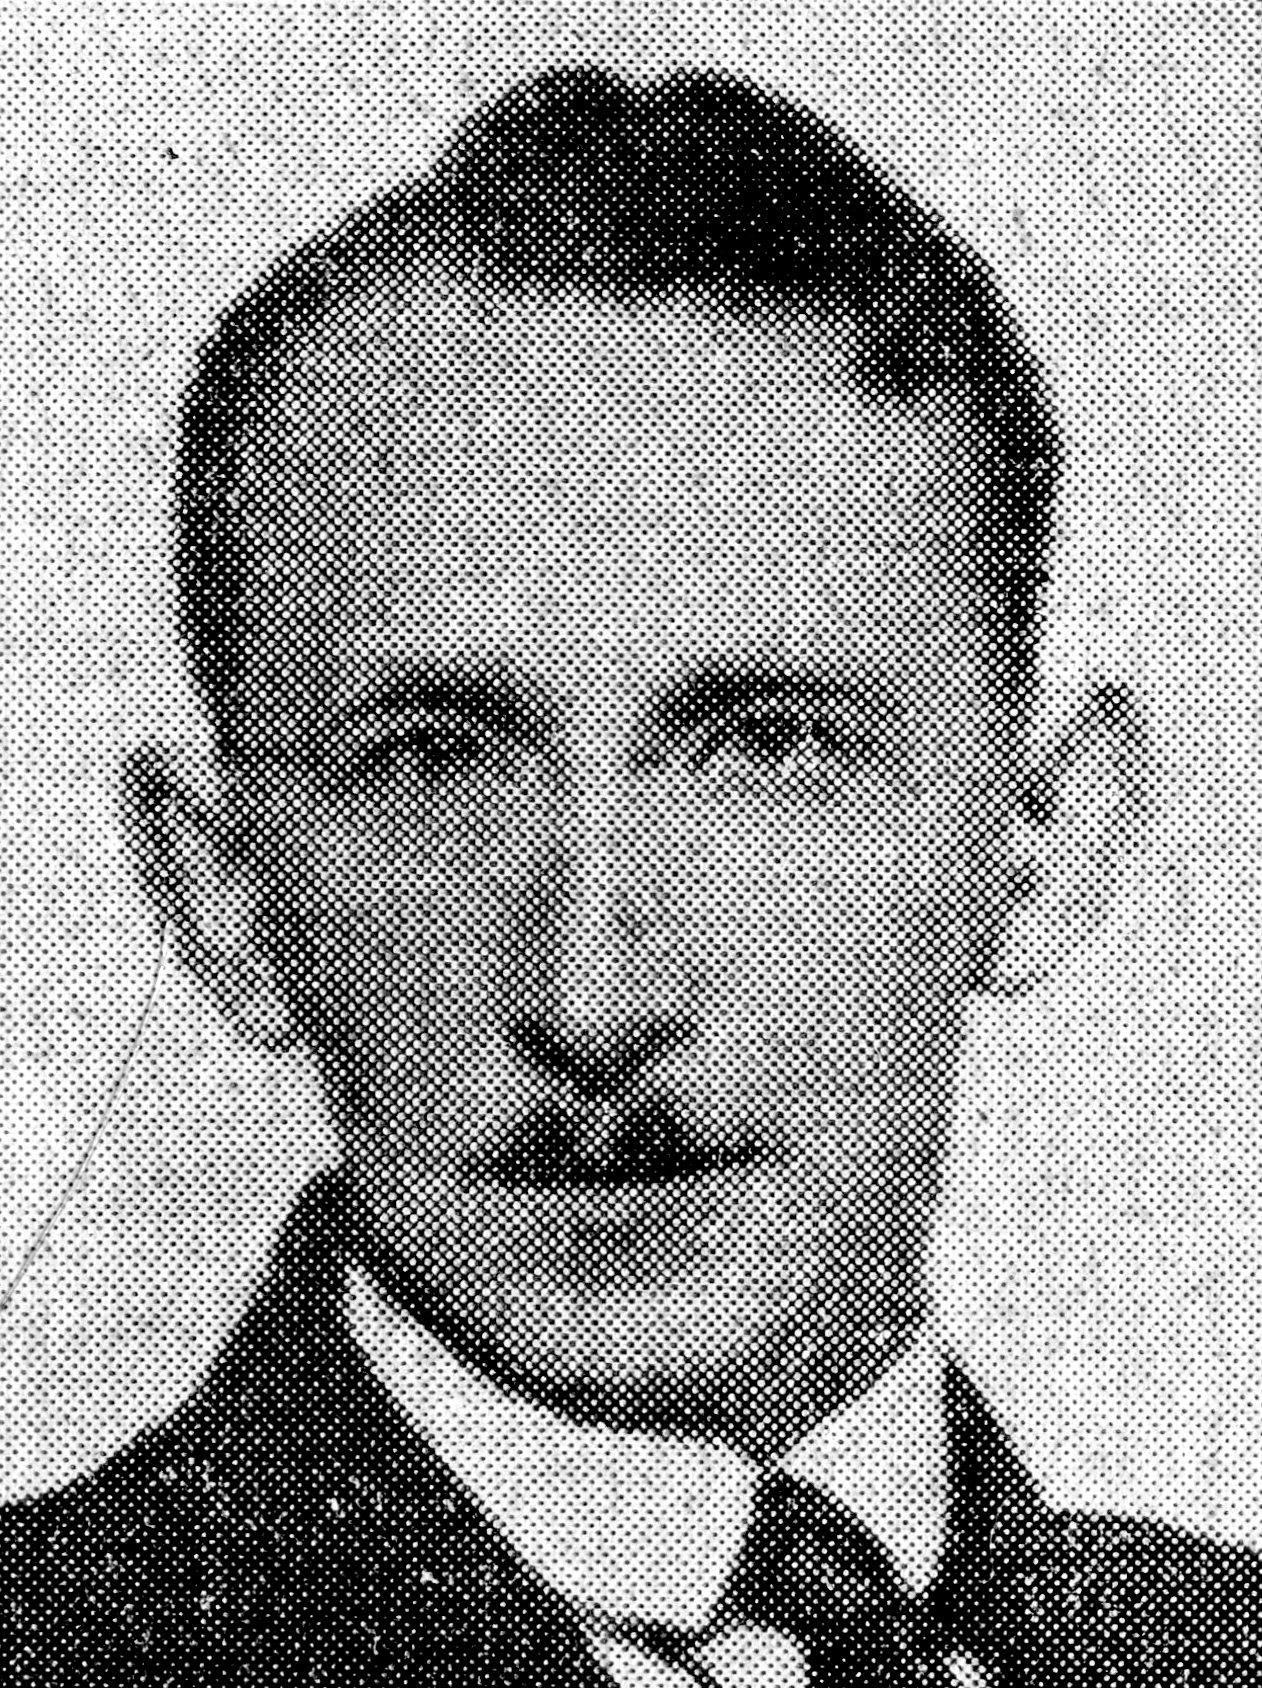 <div class='inner-box'><div class='close-desc'></div><span class='opis'>Stanisław Swianiewicz, lata 30. XX w. Fotografia z leksykonu &quot;Czy wiesz kto to jest?&quot; pod red. Stanisława Łozy, wyd. Gł&oacute;wna Księgarnia Wojskowa, Warszawa 1938 r..</span><div class='clearfix'></div><span>Sygn. sm00169</span><div class='clearfix'></div><span>&copy; Instytut Literacki</span></div>